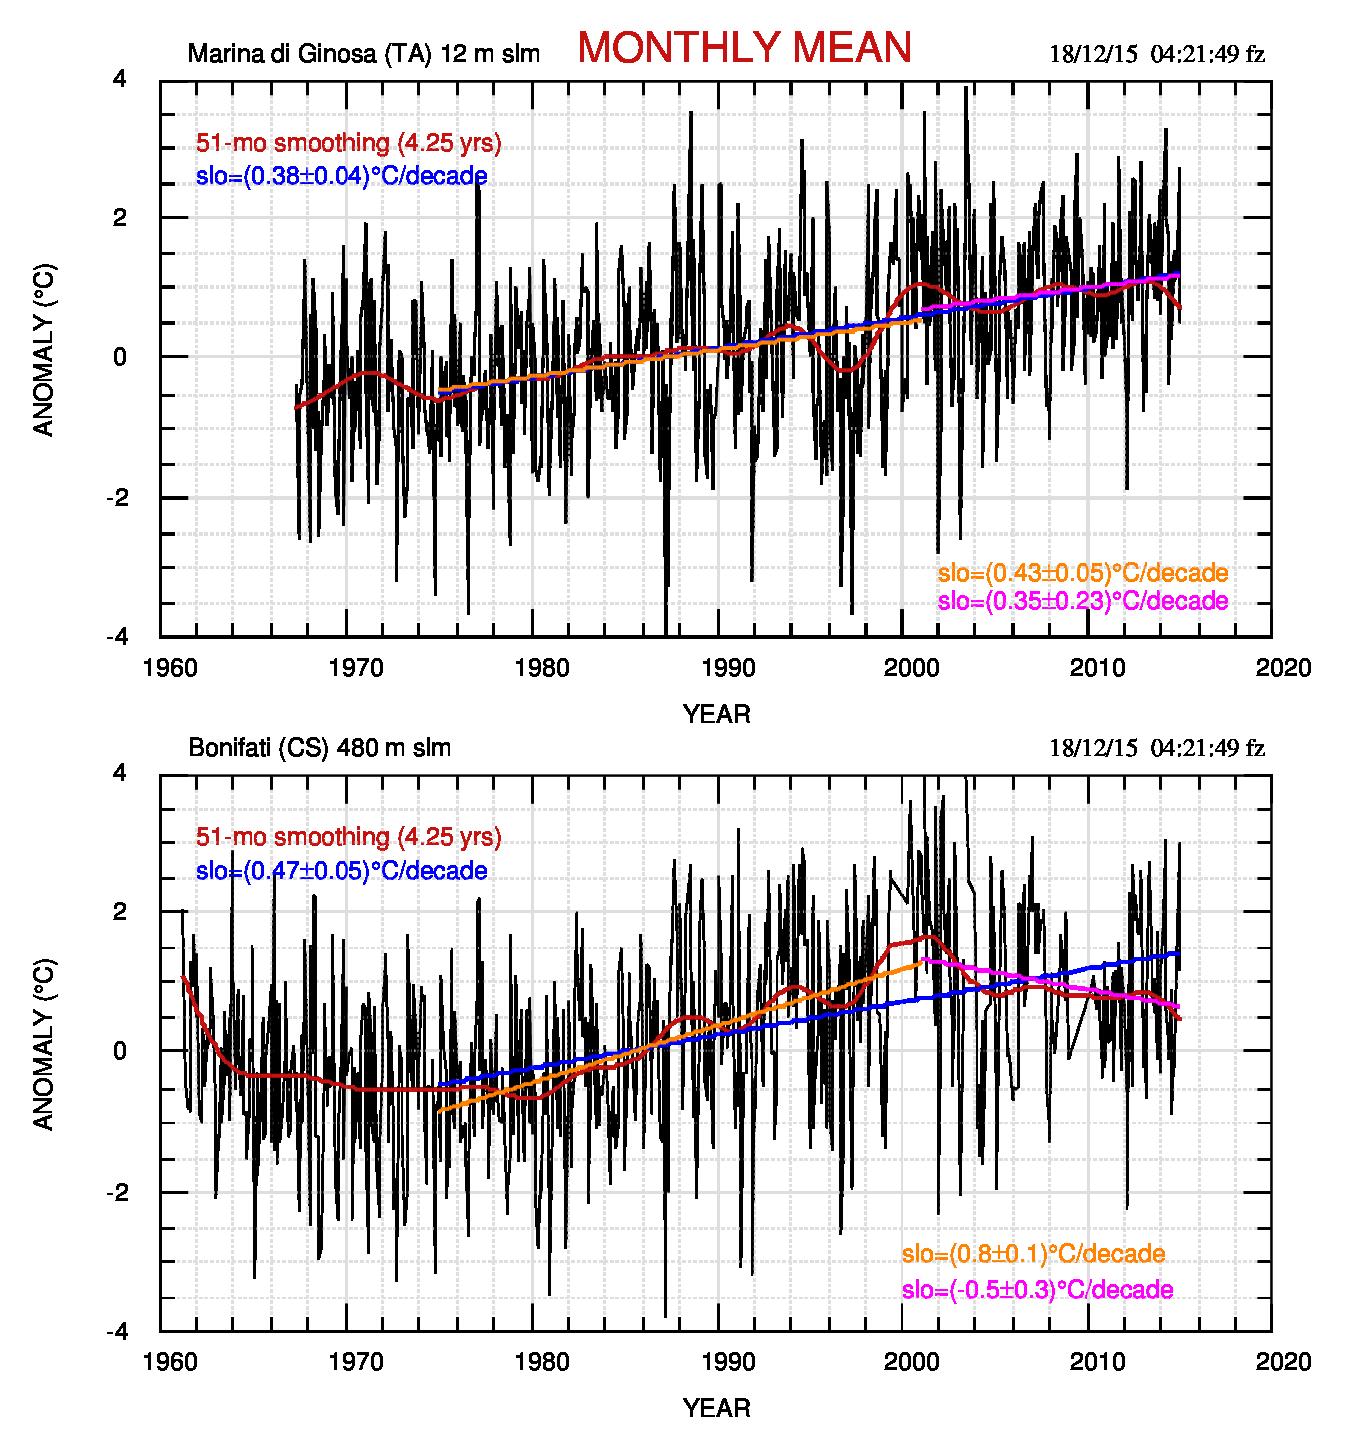 Fig.1. Temperatura media mensile di Marina di Ginosa (grafico in alto) e di Bonifati. Per quest'ultima stazione il test sulle medie conferma che l'ipotesi di pendenze uguali nei due tratti 1975-2000 e 2001-2014 deve essere respinta al livello di confidenza del 95%.